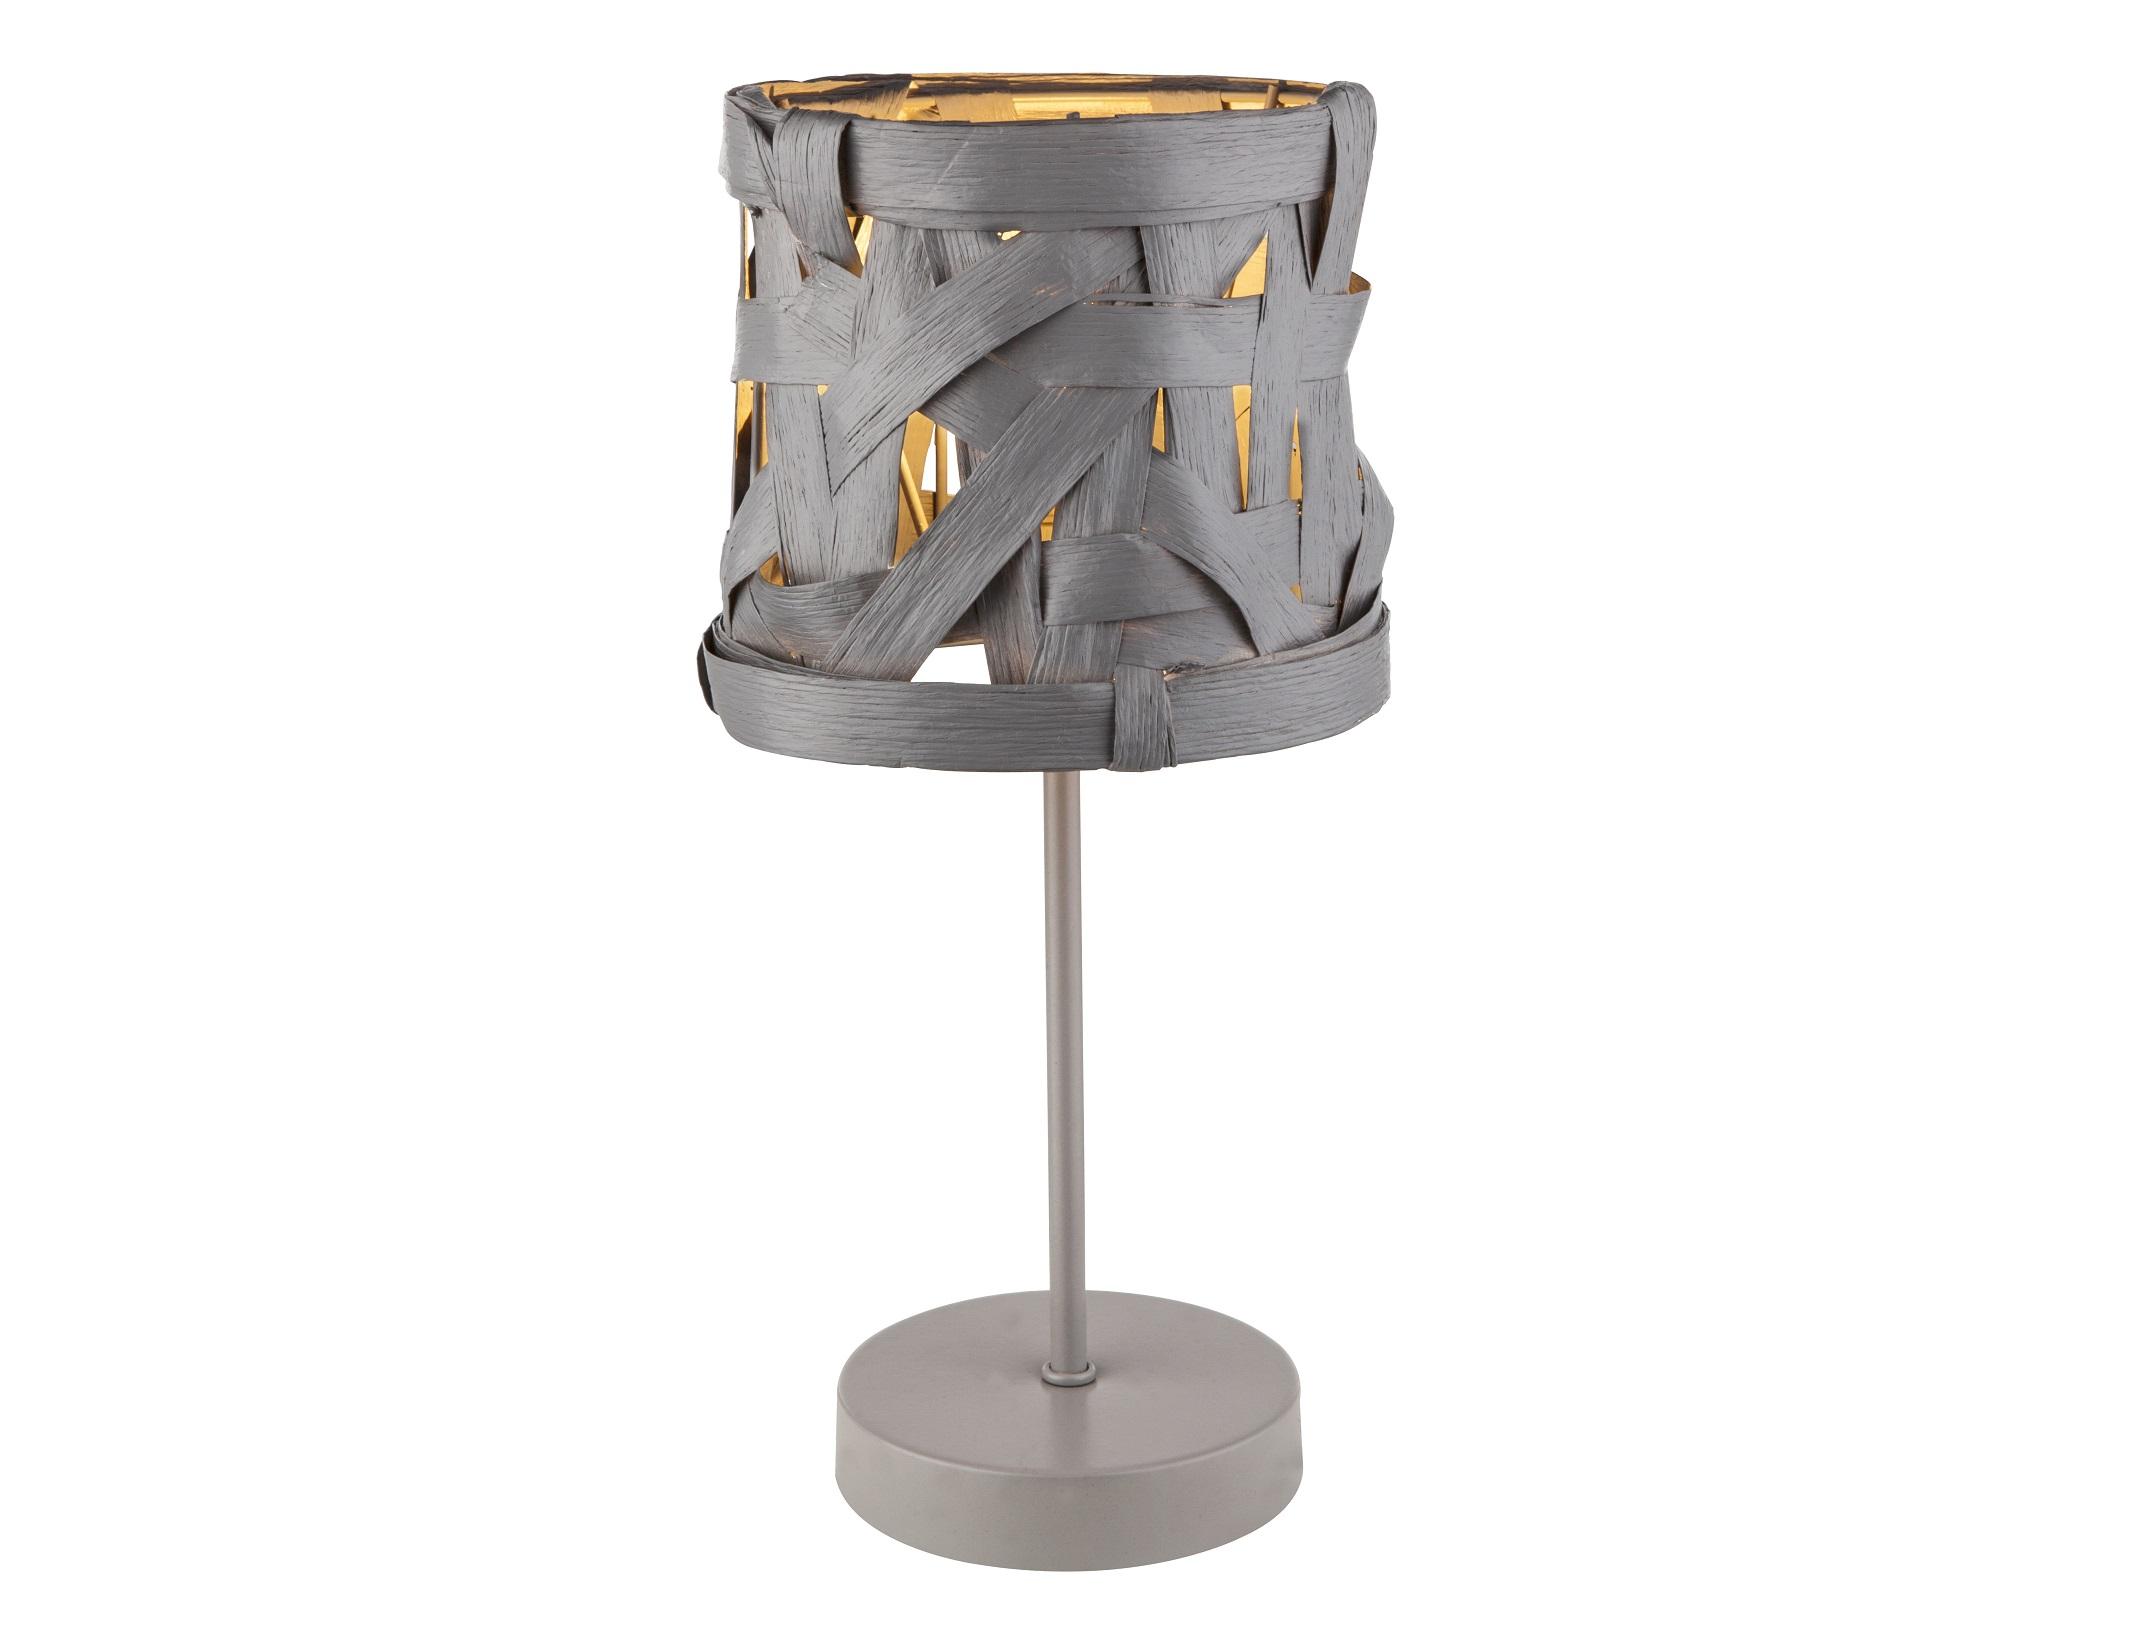 Настольная лампаДекоративные лампы<br>Вид цоколя: E14Мощность: &amp;nbsp;40W&amp;nbsp;Количество ламп: 1 (нет в комплекте)<br><br>kit: None<br>gender: None